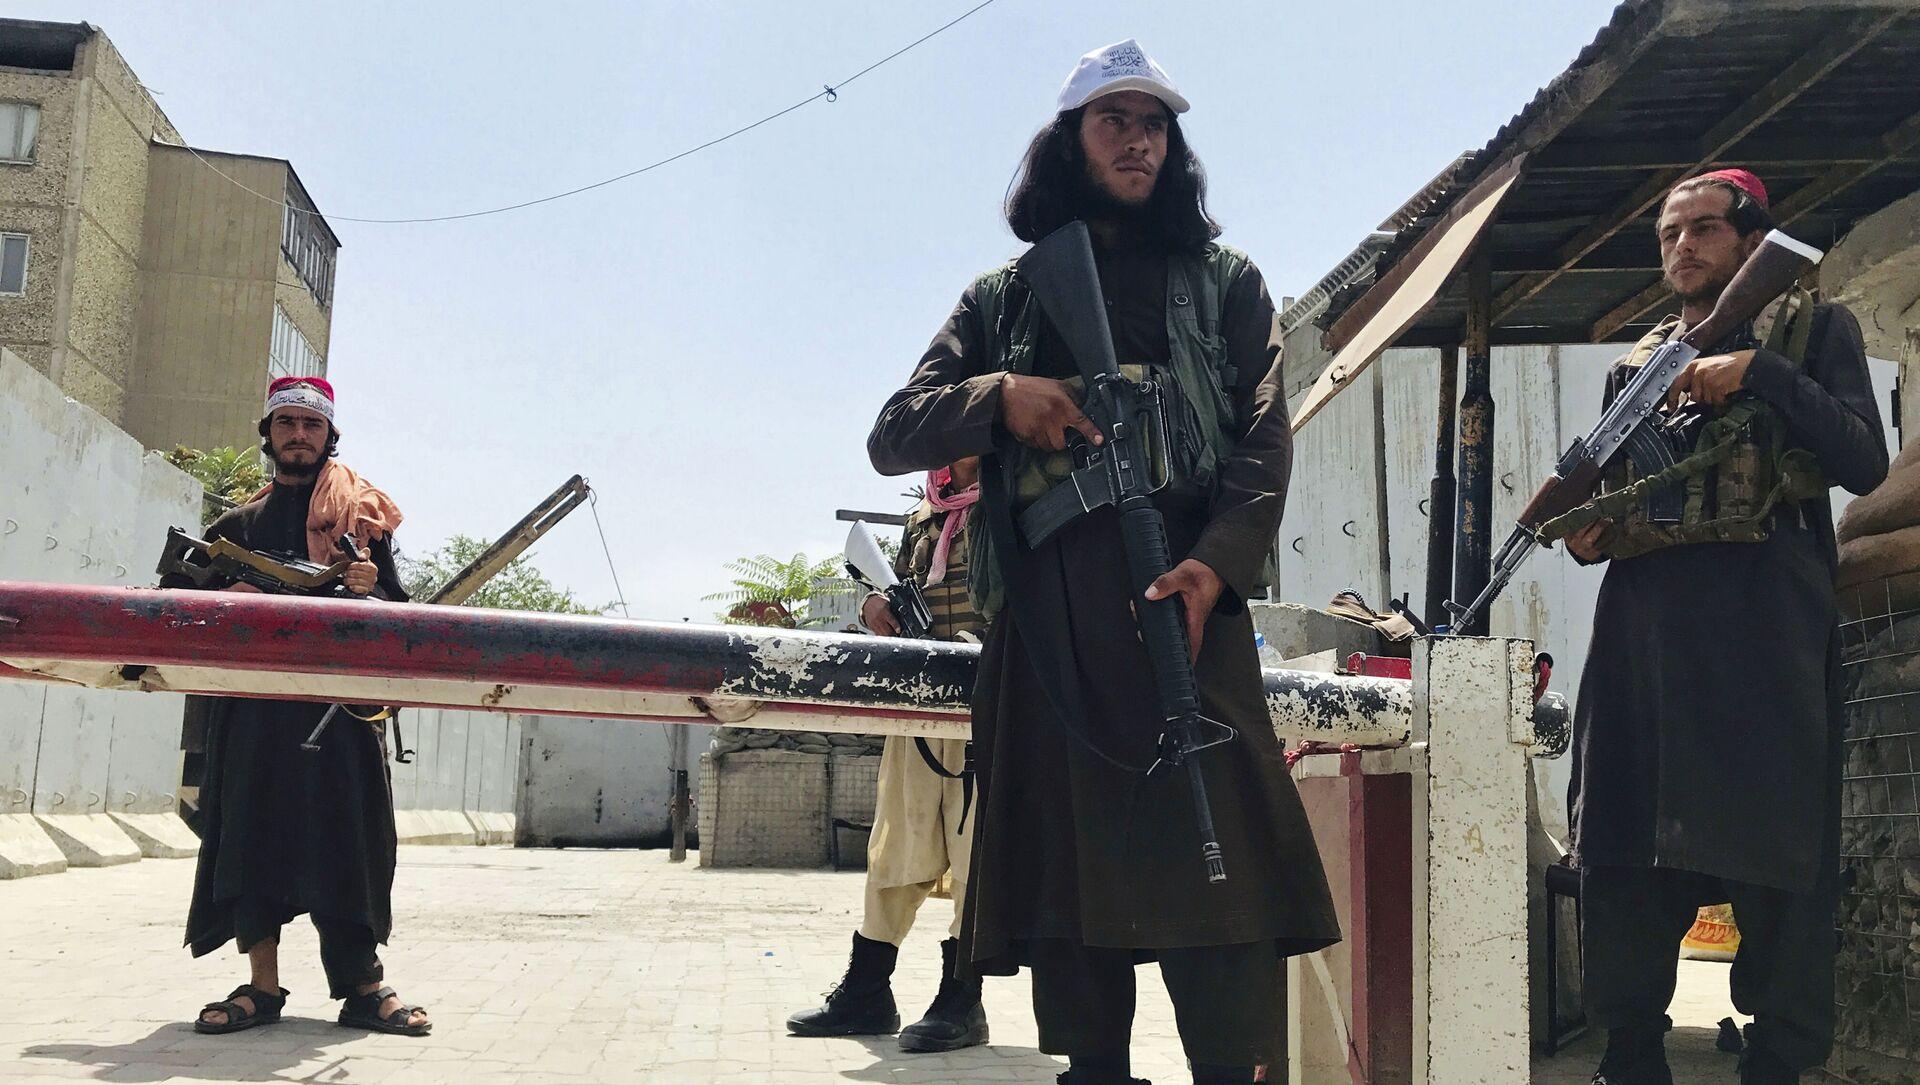 Боевики движения Талибан (террористическая группировка, запрещеннфая в РФ) в Кабуле, 17 авгутса 2021 года  - Sputnik Азербайджан, 1920, 18.08.2021